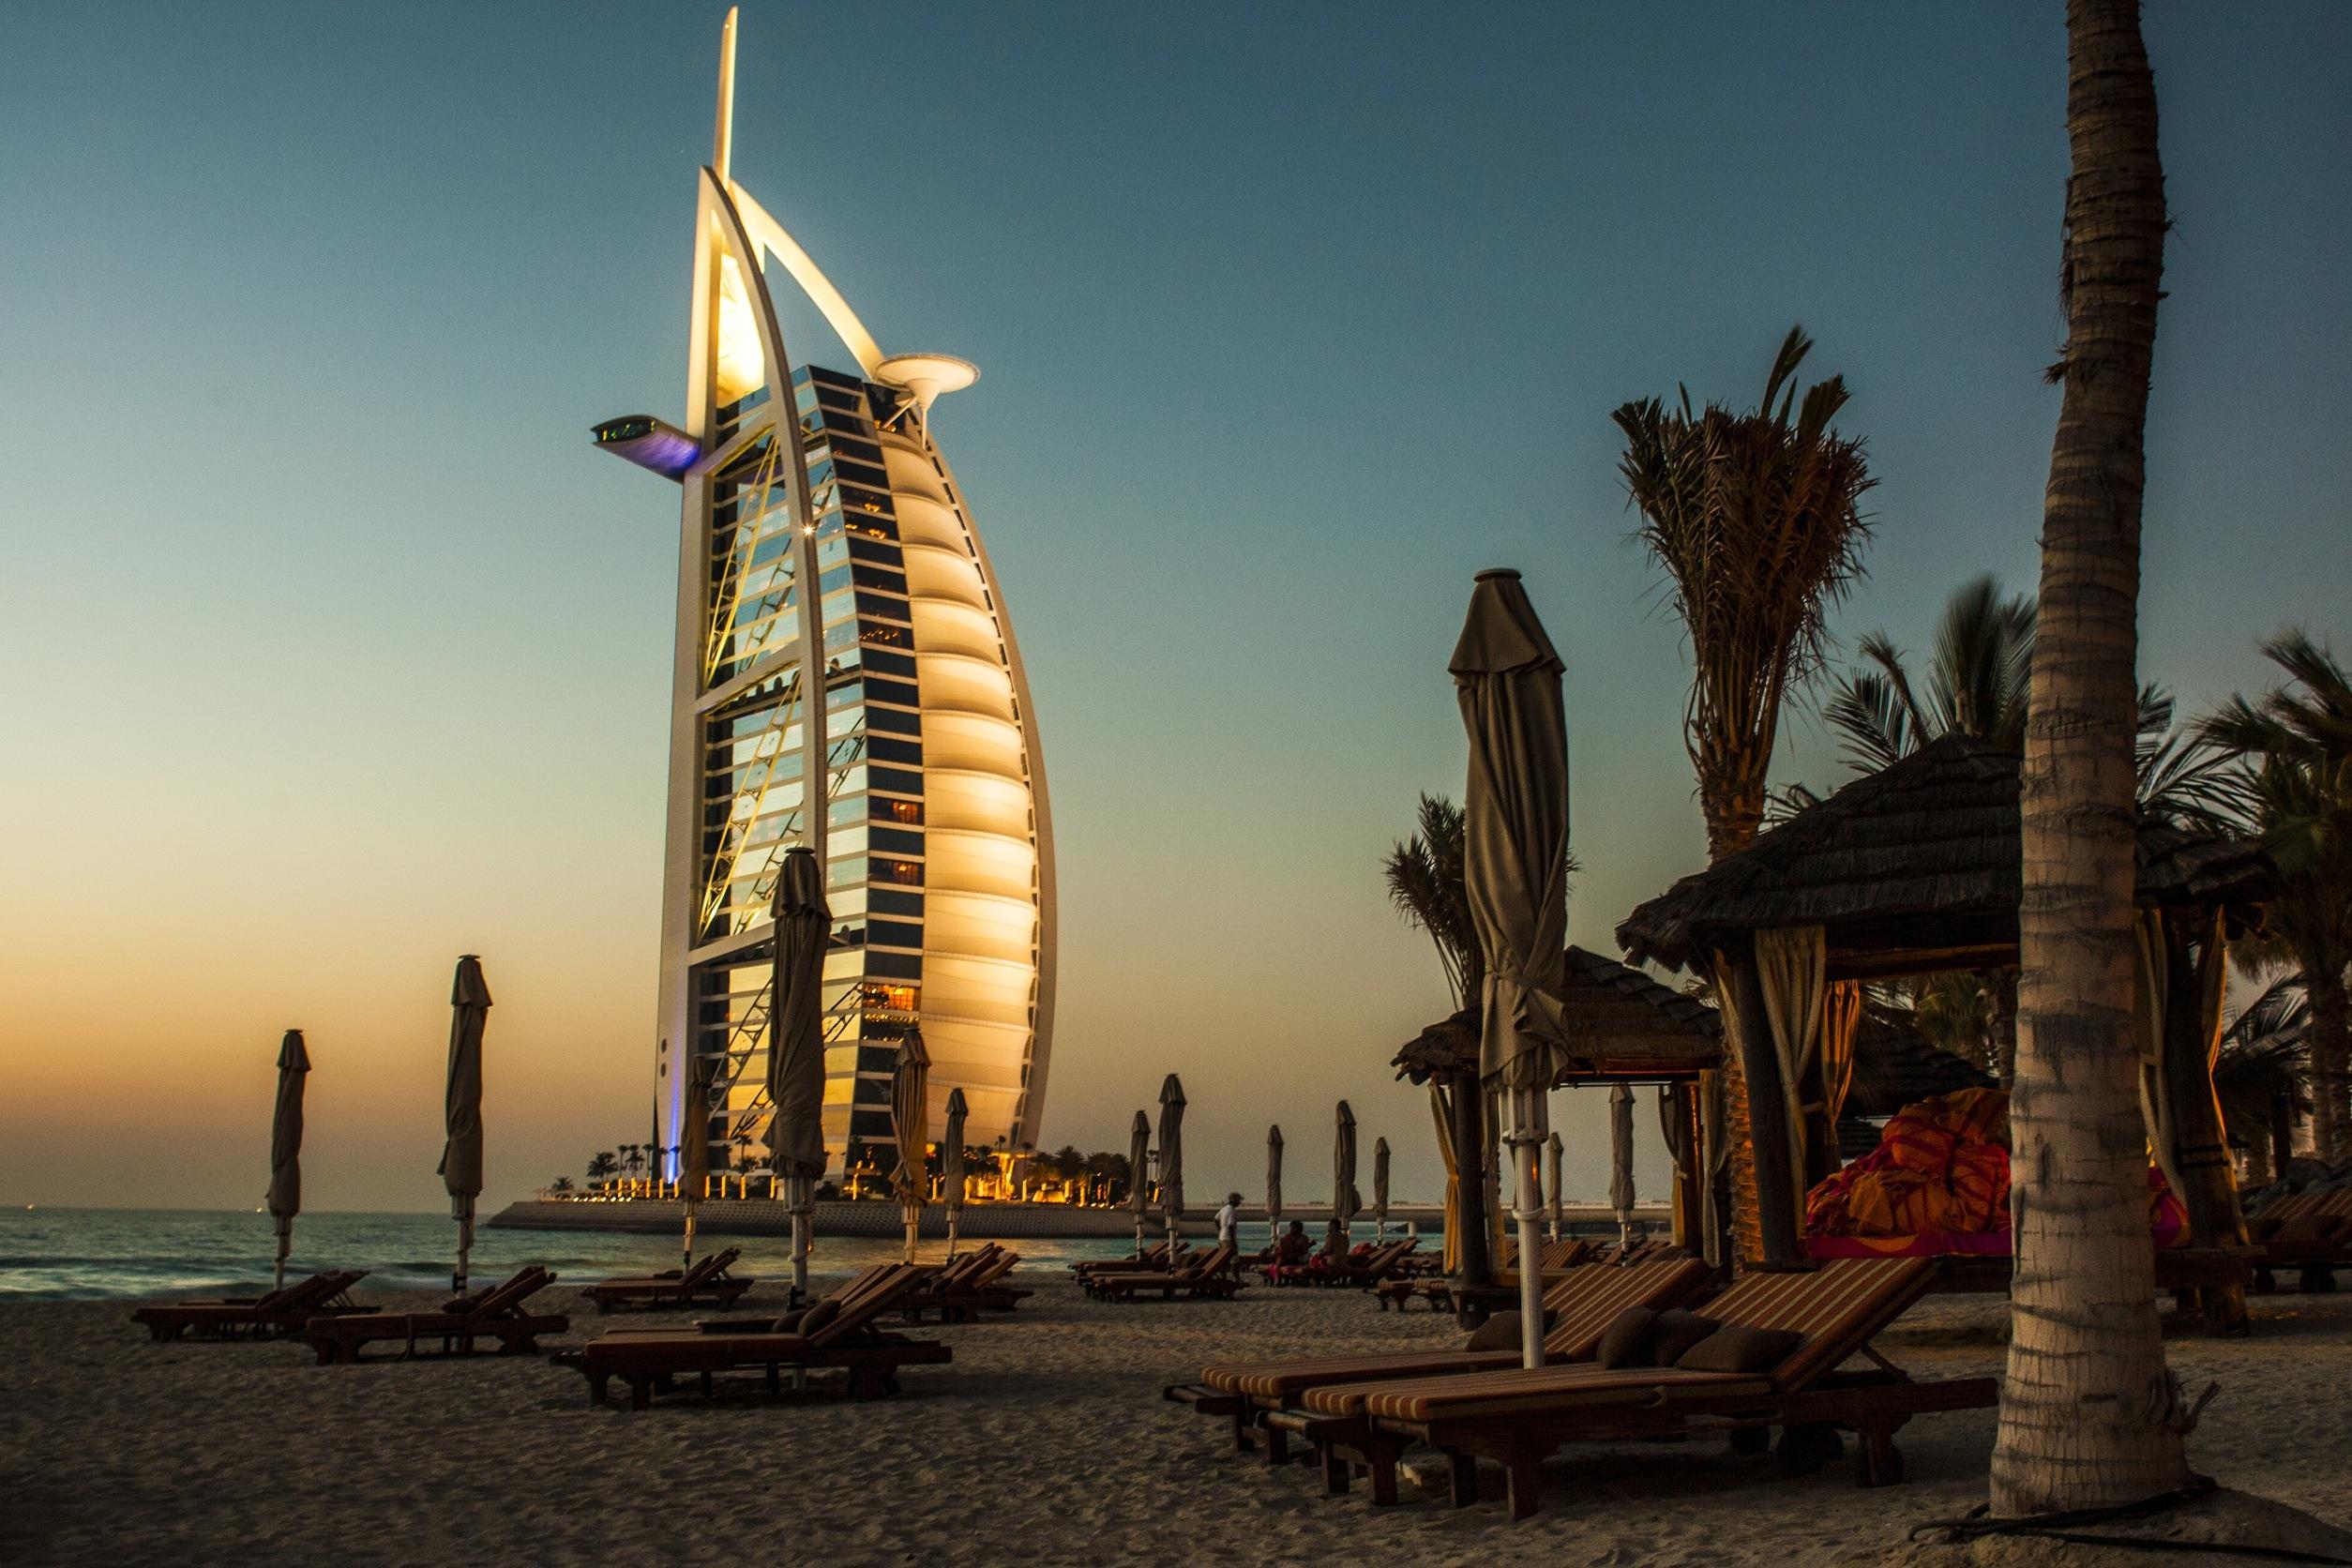 63374 скачать обои Пляж, Дубай, Природа, Пальмы, Шезлонги, Бурдж-Эль-Араб - заставки и картинки бесплатно